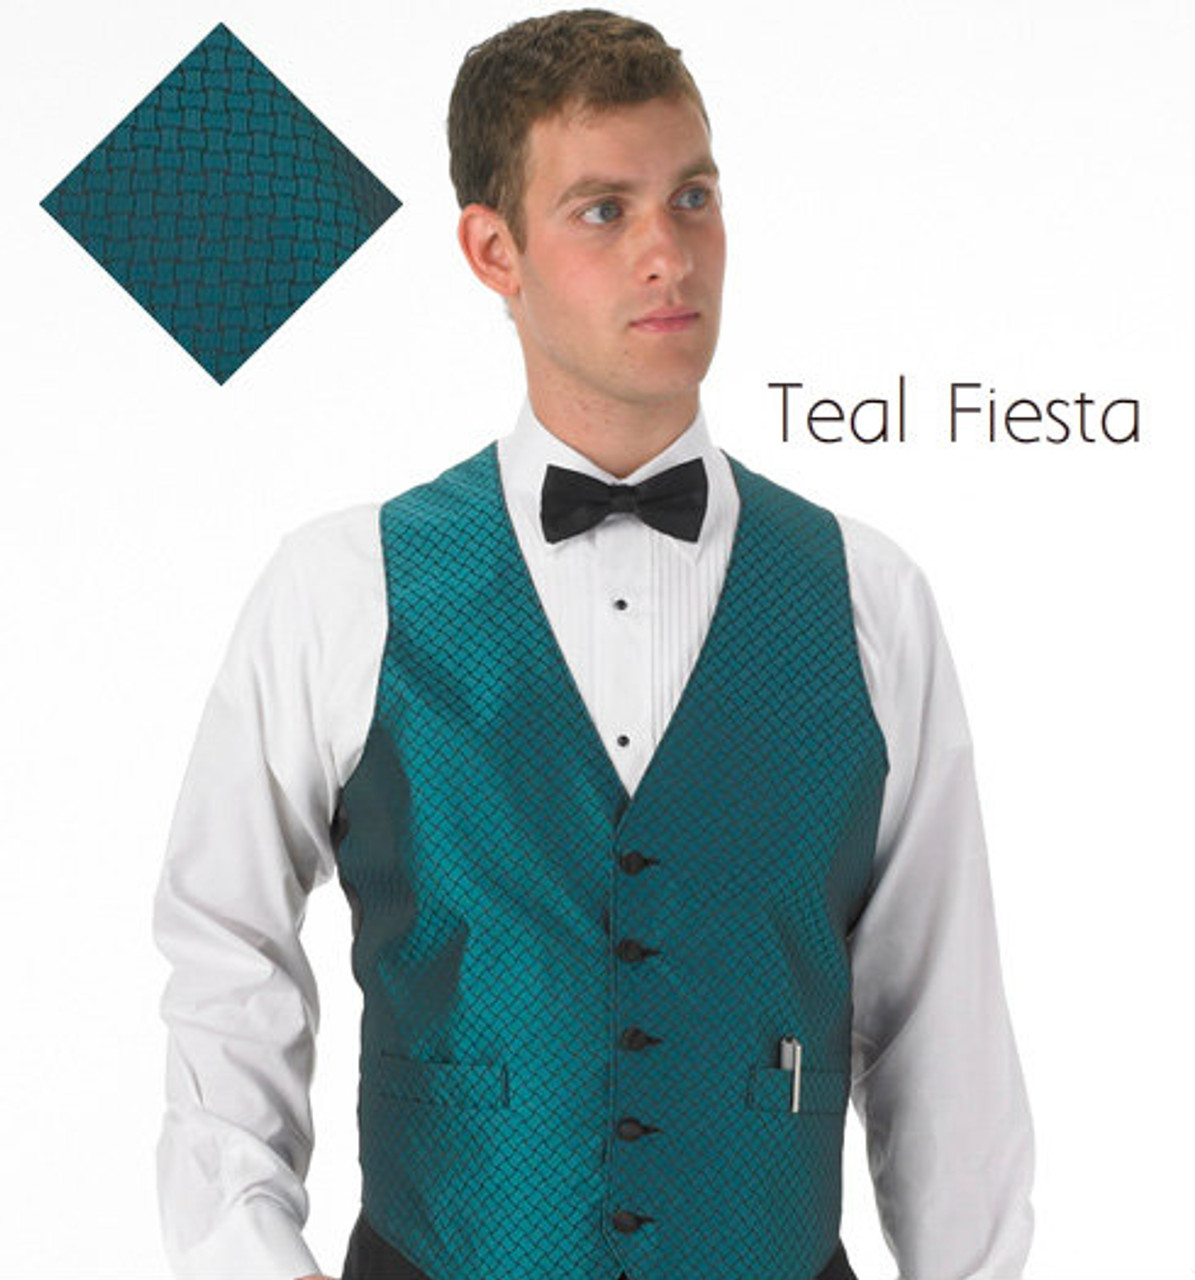 Teal Fiesta